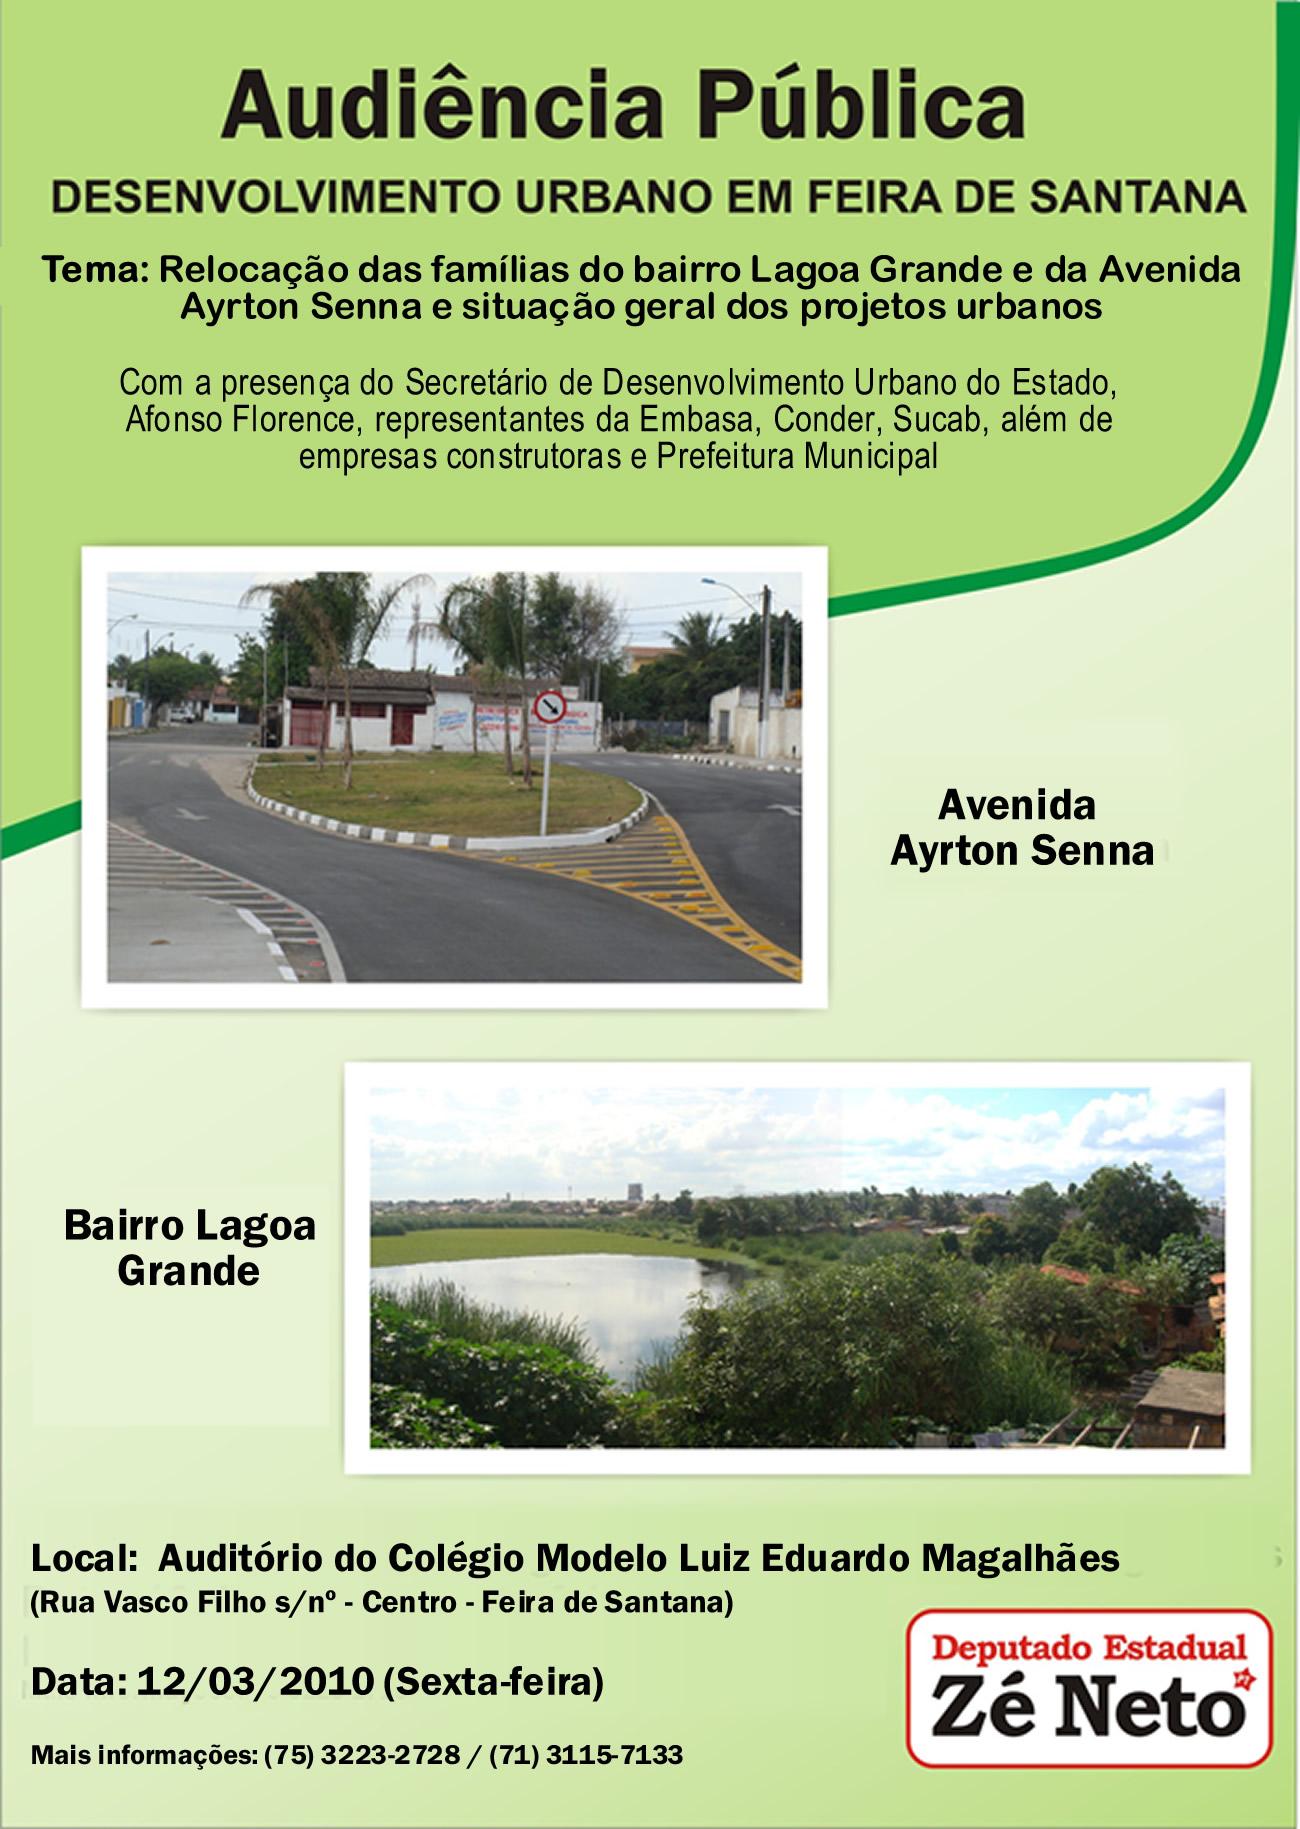 Audiência Pública: Desenvolvimento Urbano em Feira de Santana